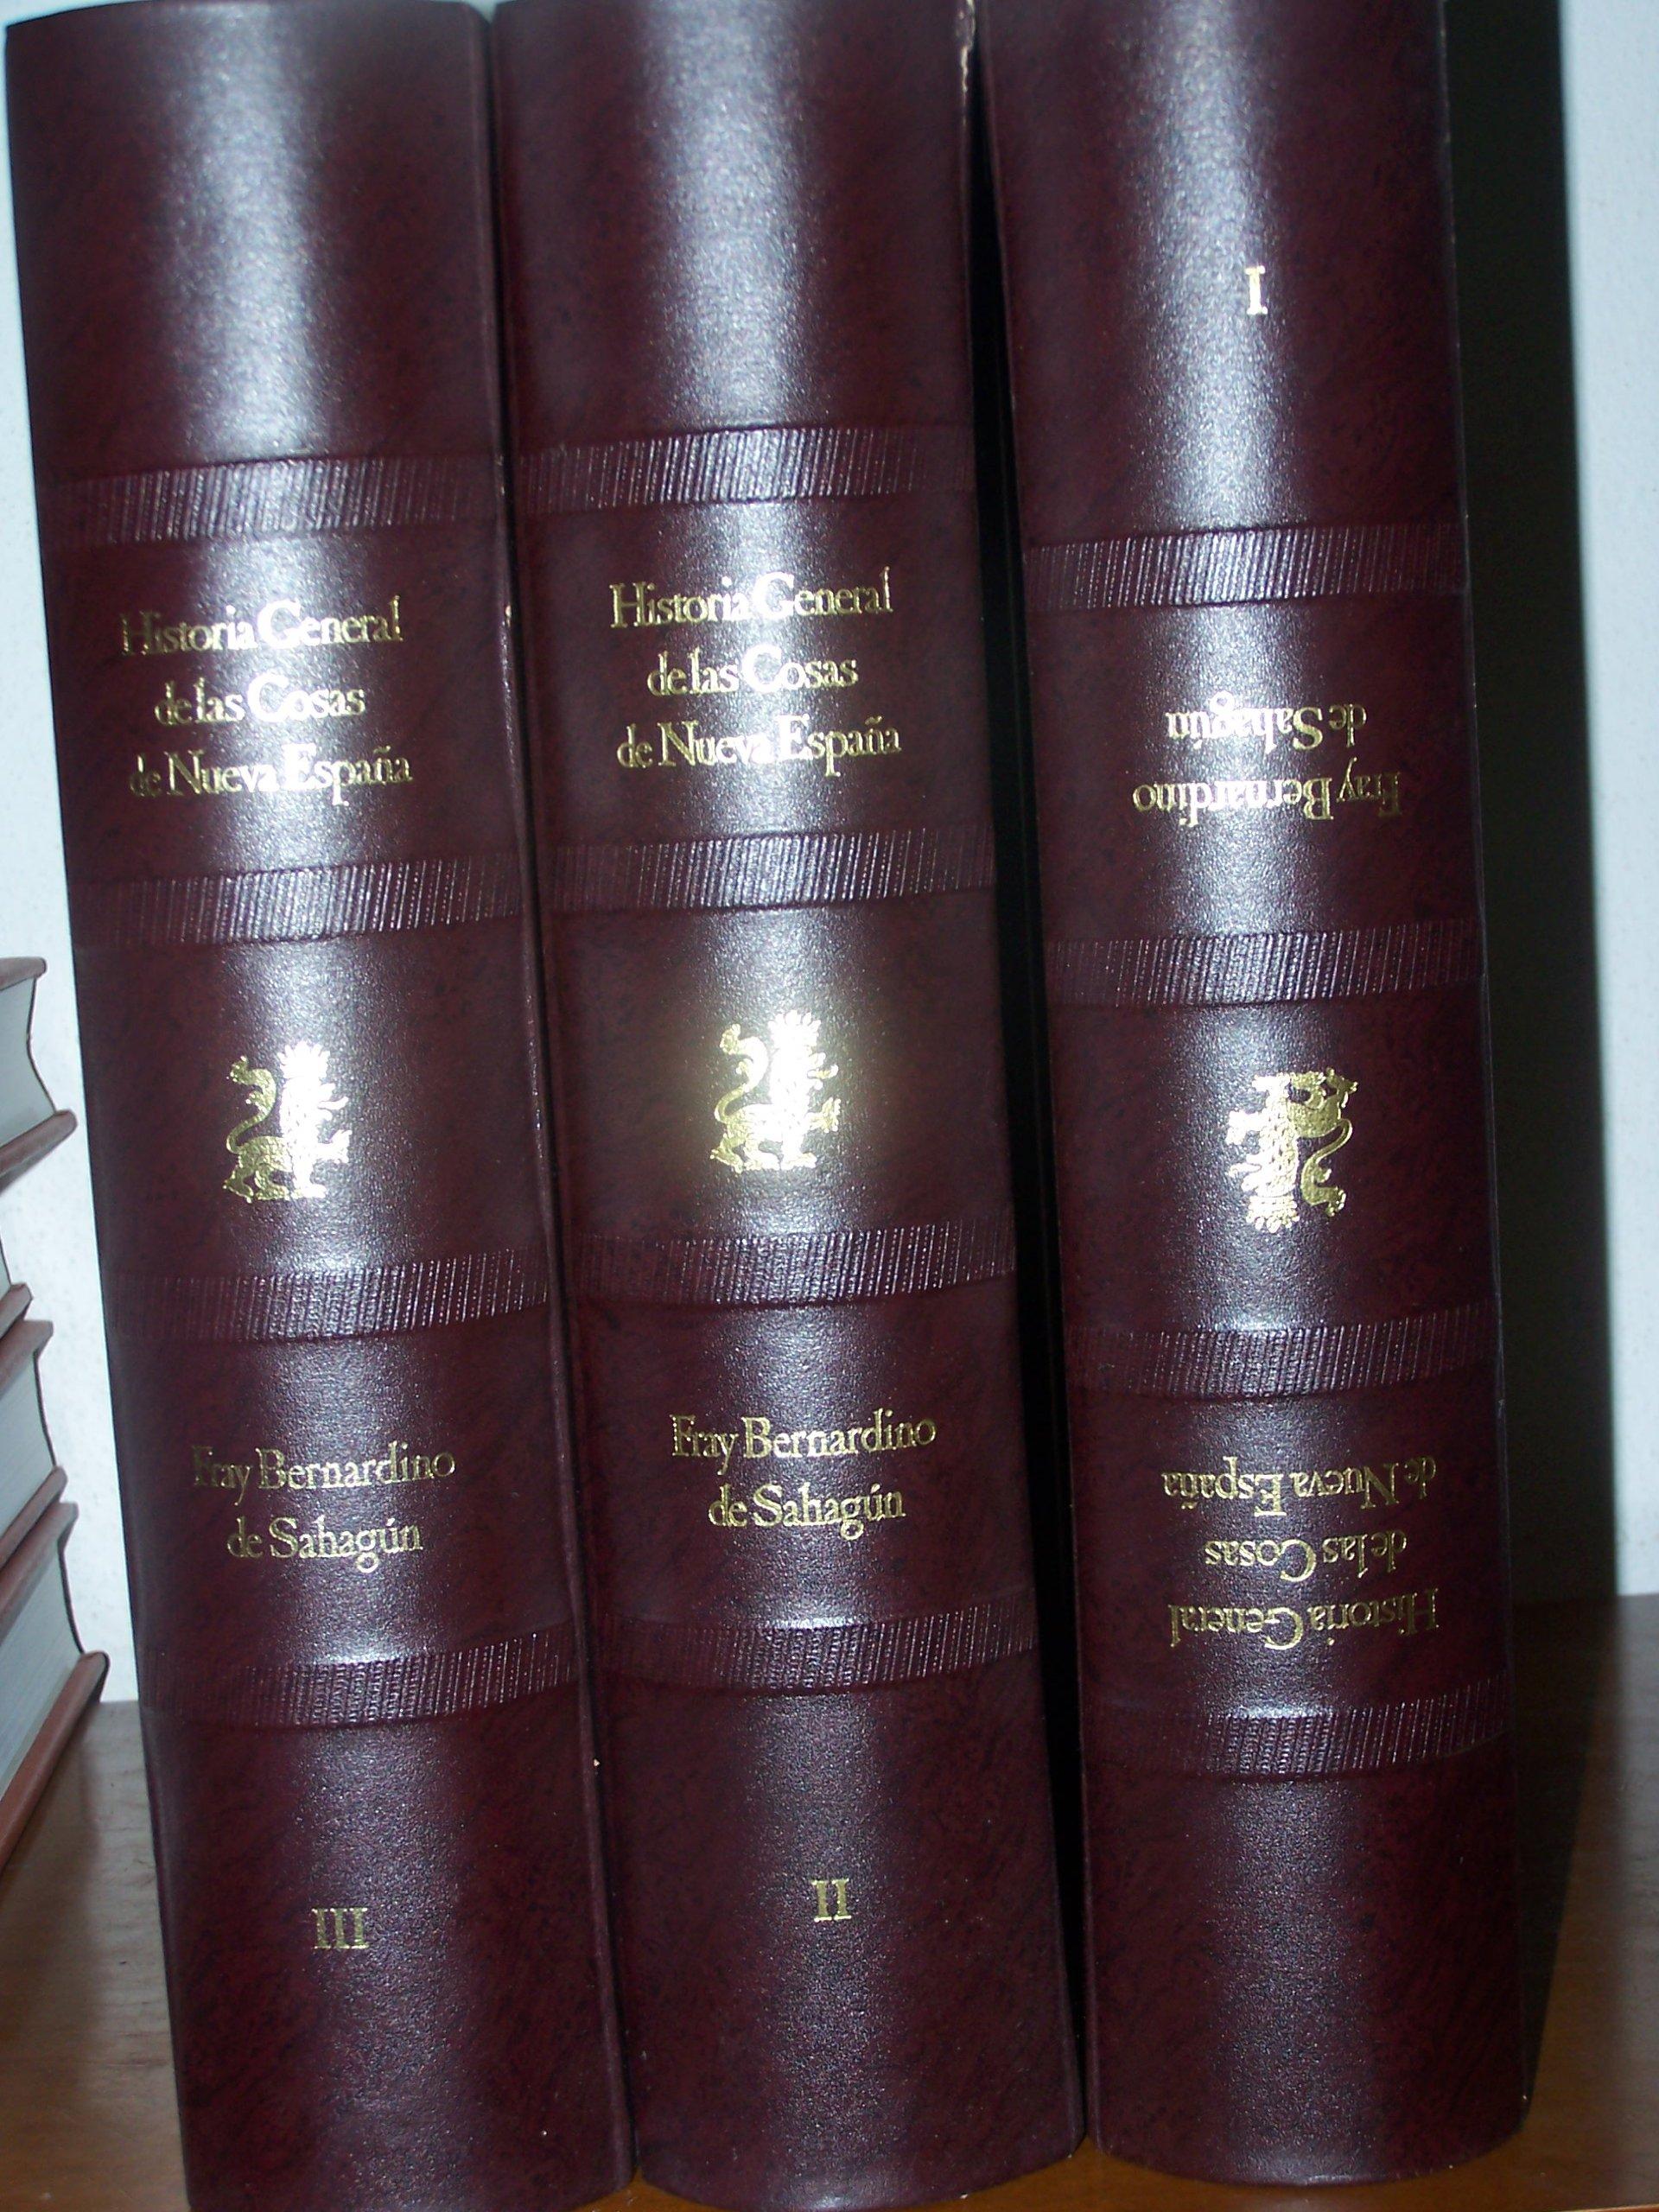 historia general de las cosas de nueva españa: Amazon.es: fray Bernardino de Sahagún: Libros